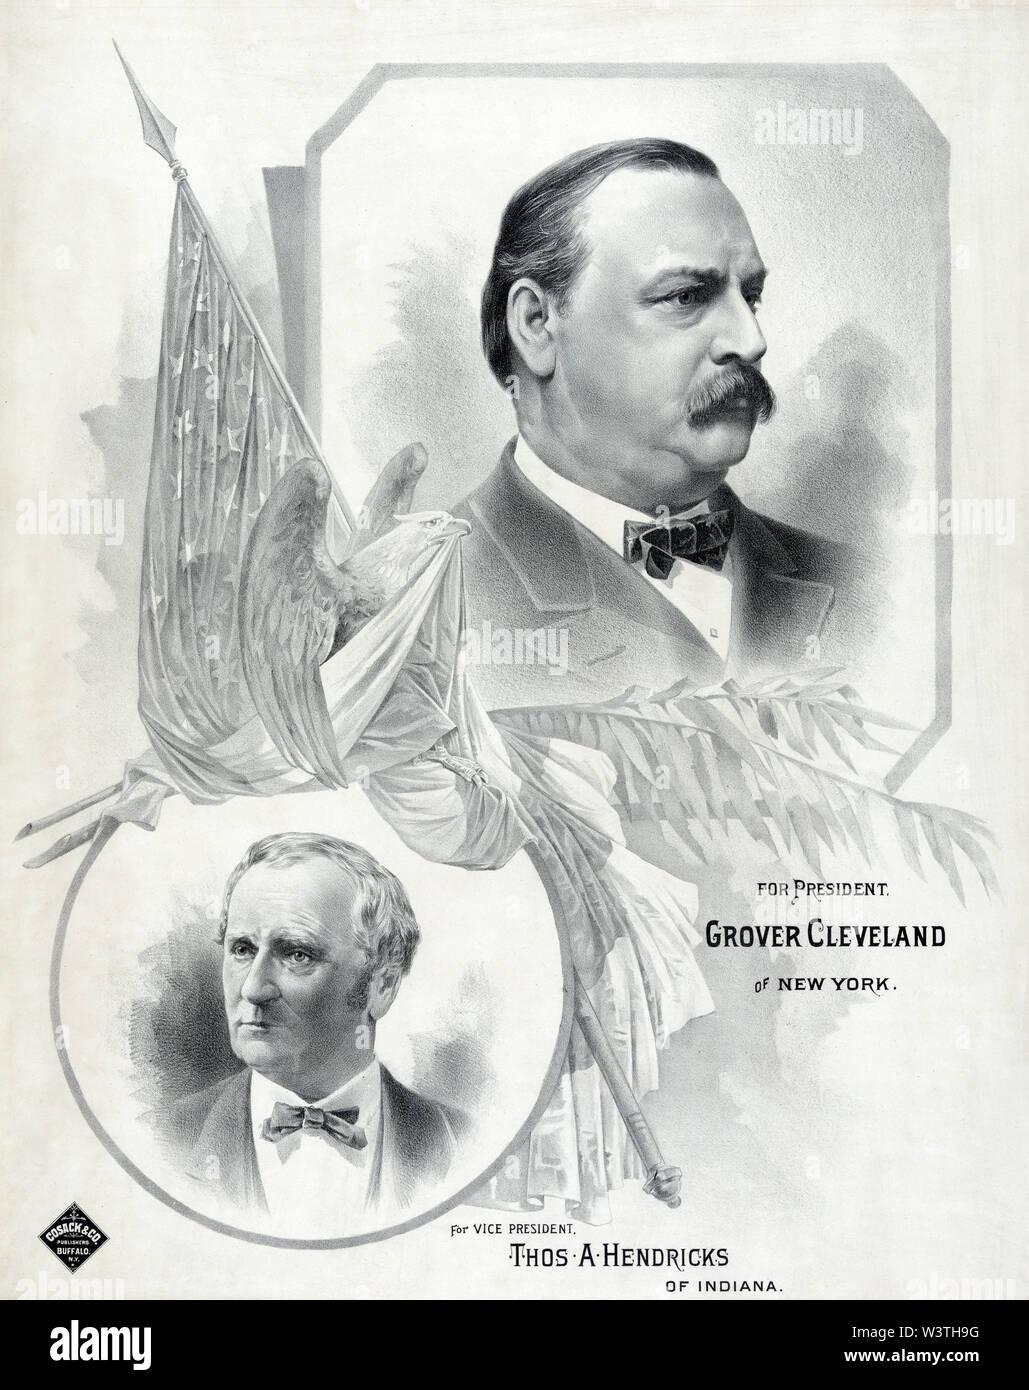 Para el Presidente Grover Cleveland, de Nueva York, el Vice Presidente Thos. A. Hendricks, de Indiana, el póster de la campaña durante la elección presidencial de 1888, Litografía publicada por Cosack & Co., 1888 Imagen De Stock